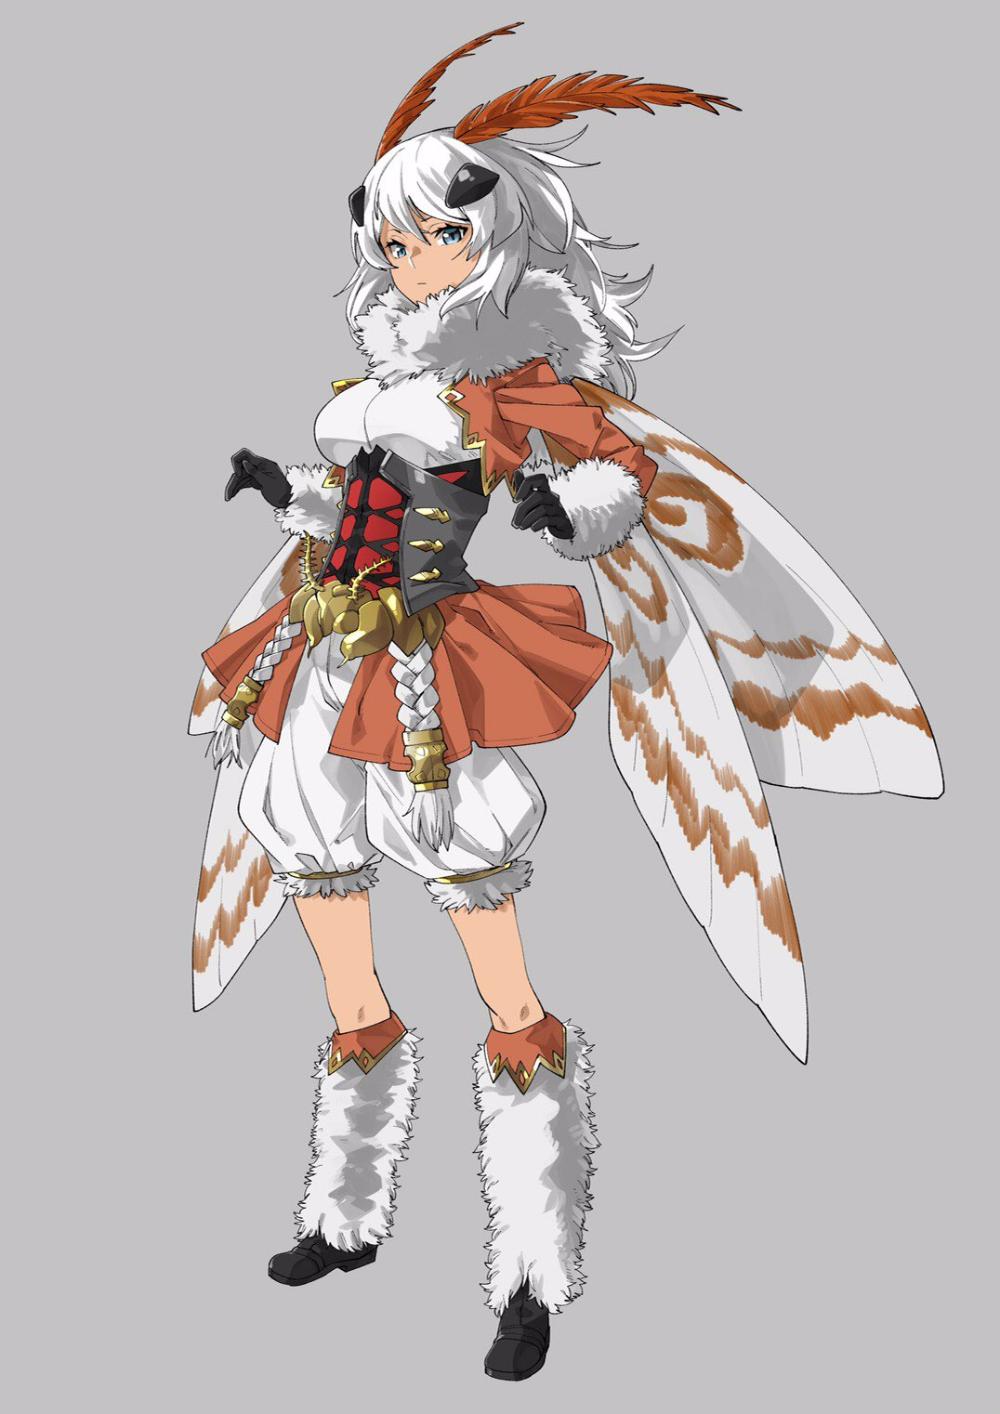 ヨシマロ (yoshimaro77) / Twitter in 2020 Character design